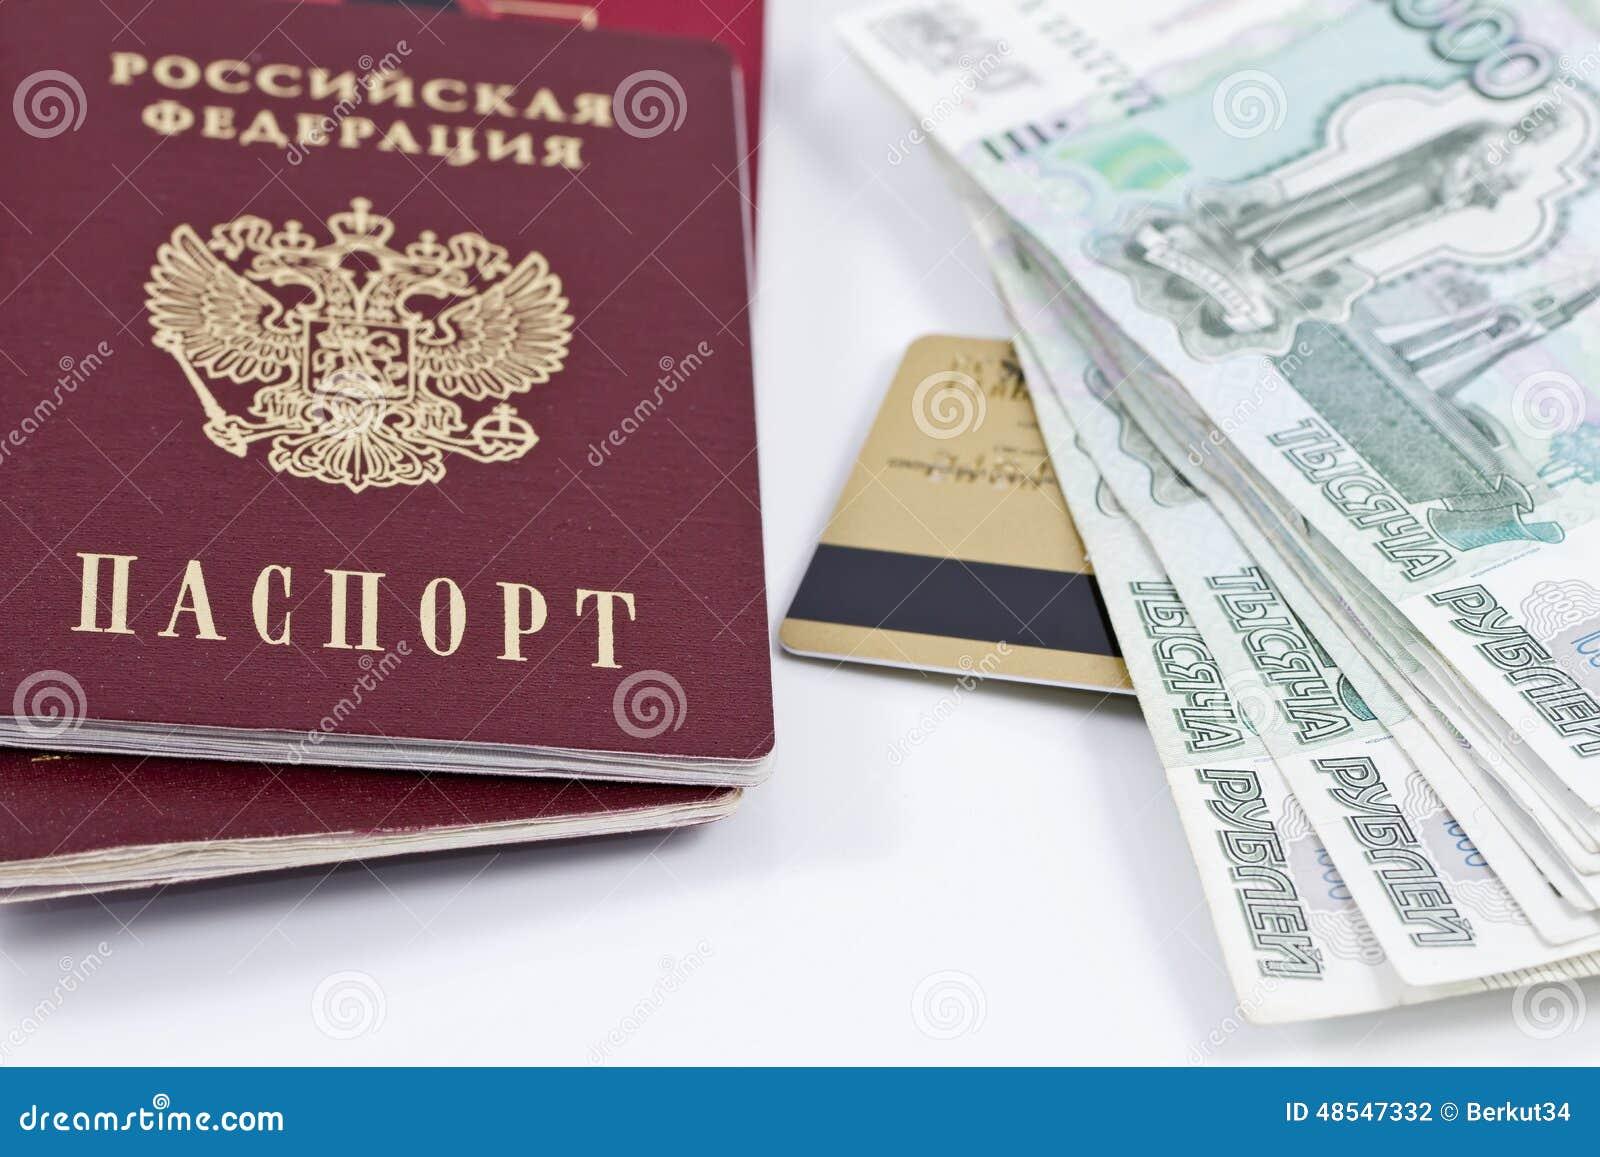 займ наличными в день обращения по паспорту